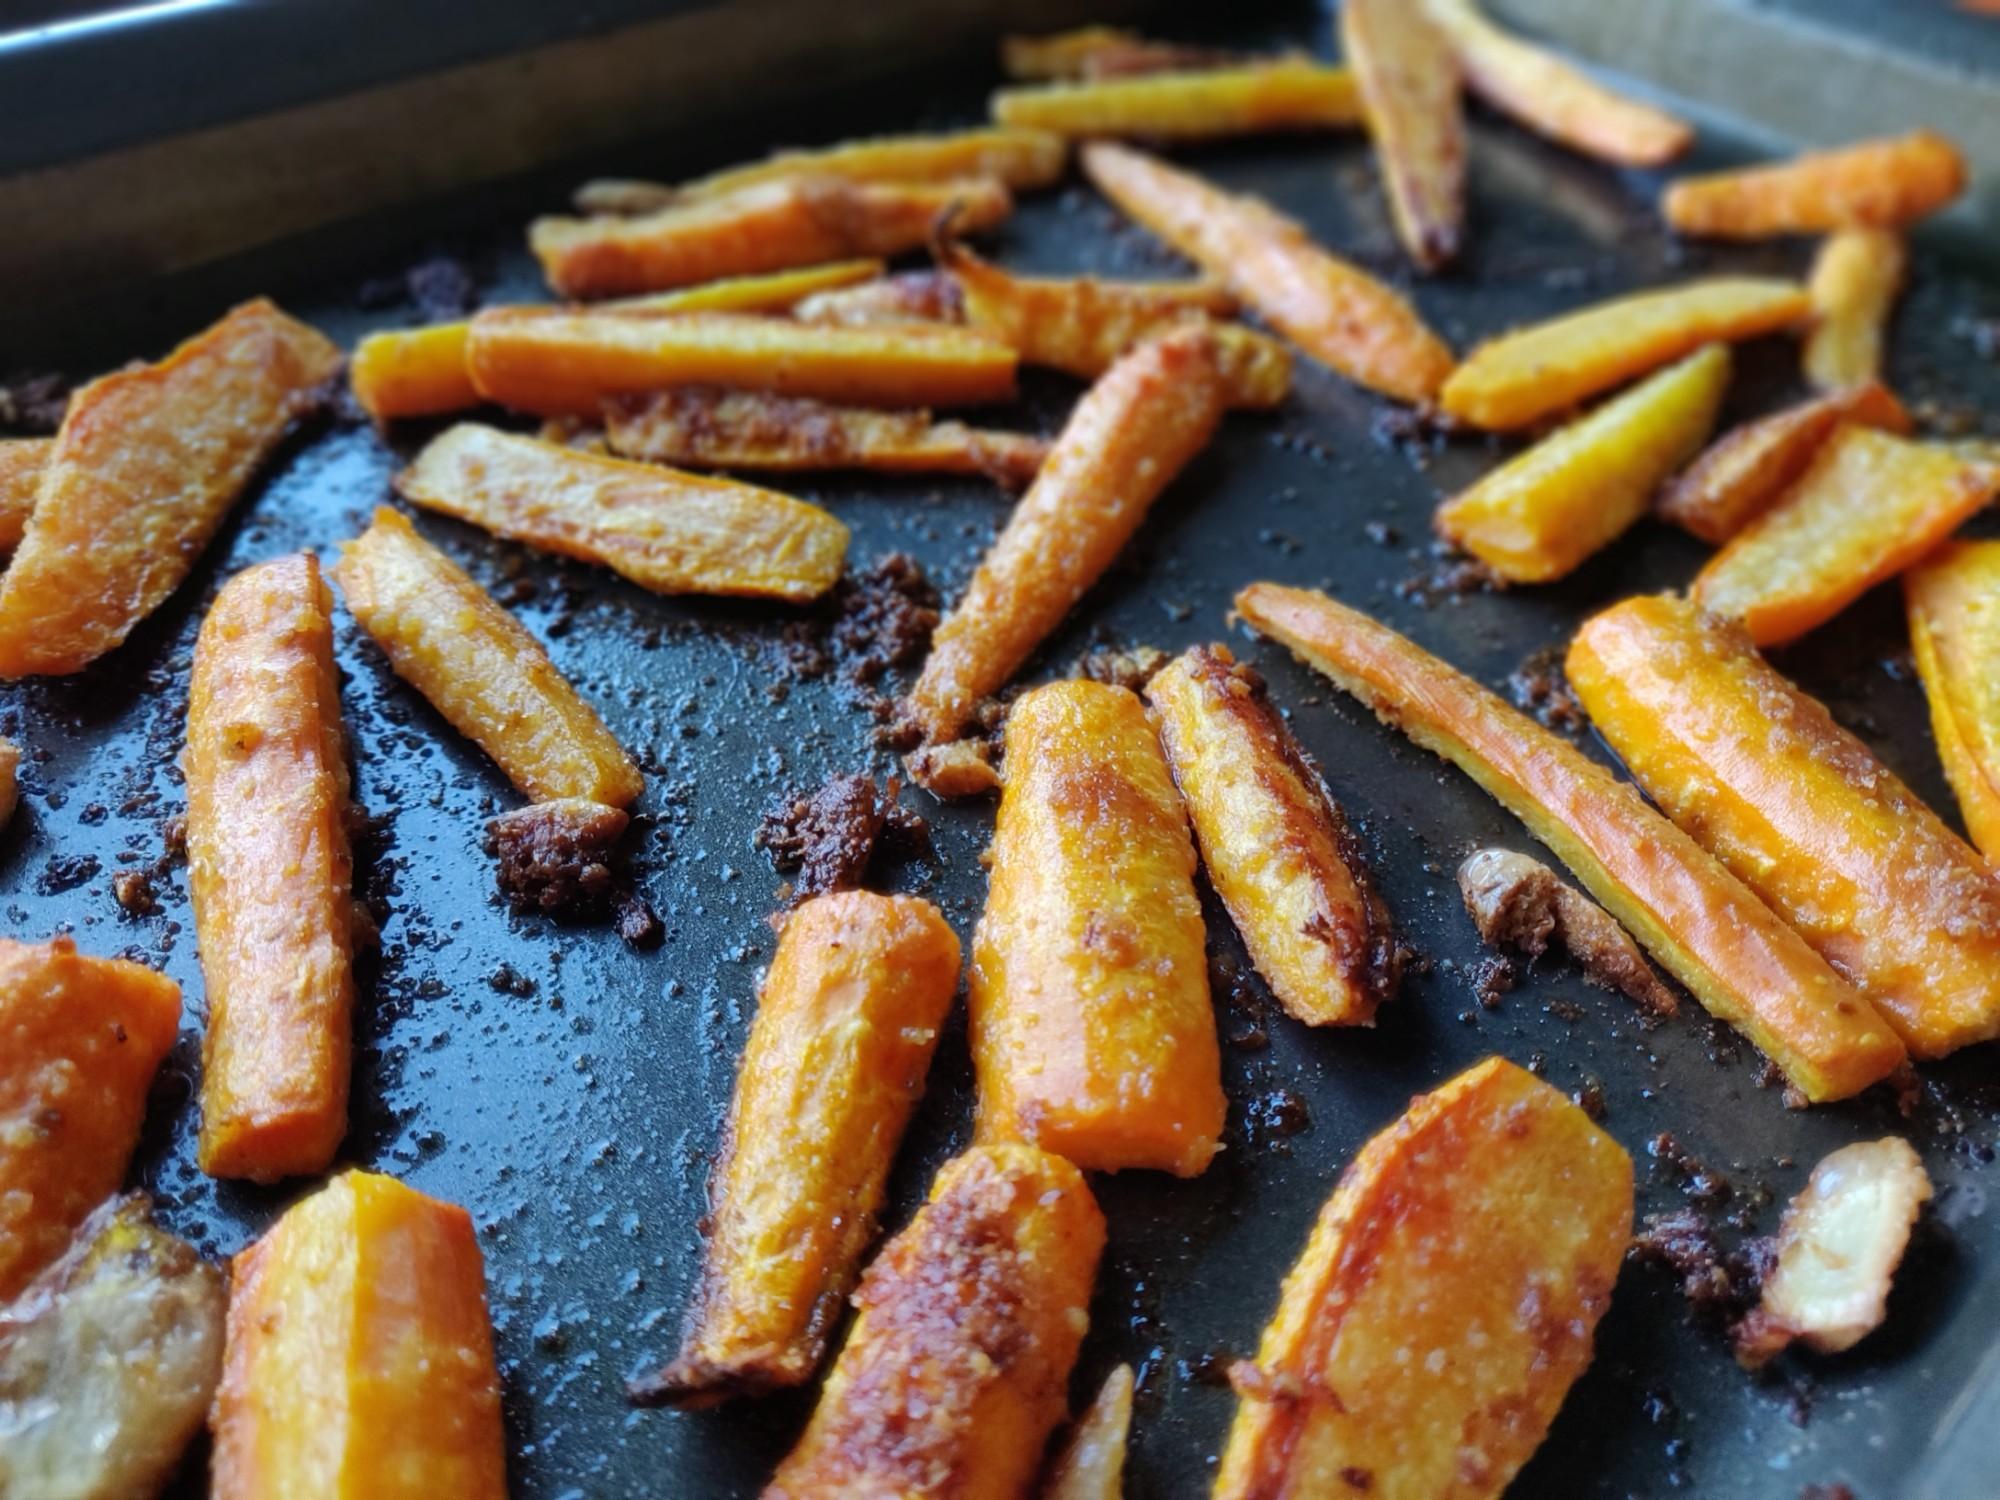 Roasted Garlic Parmesan Carrots